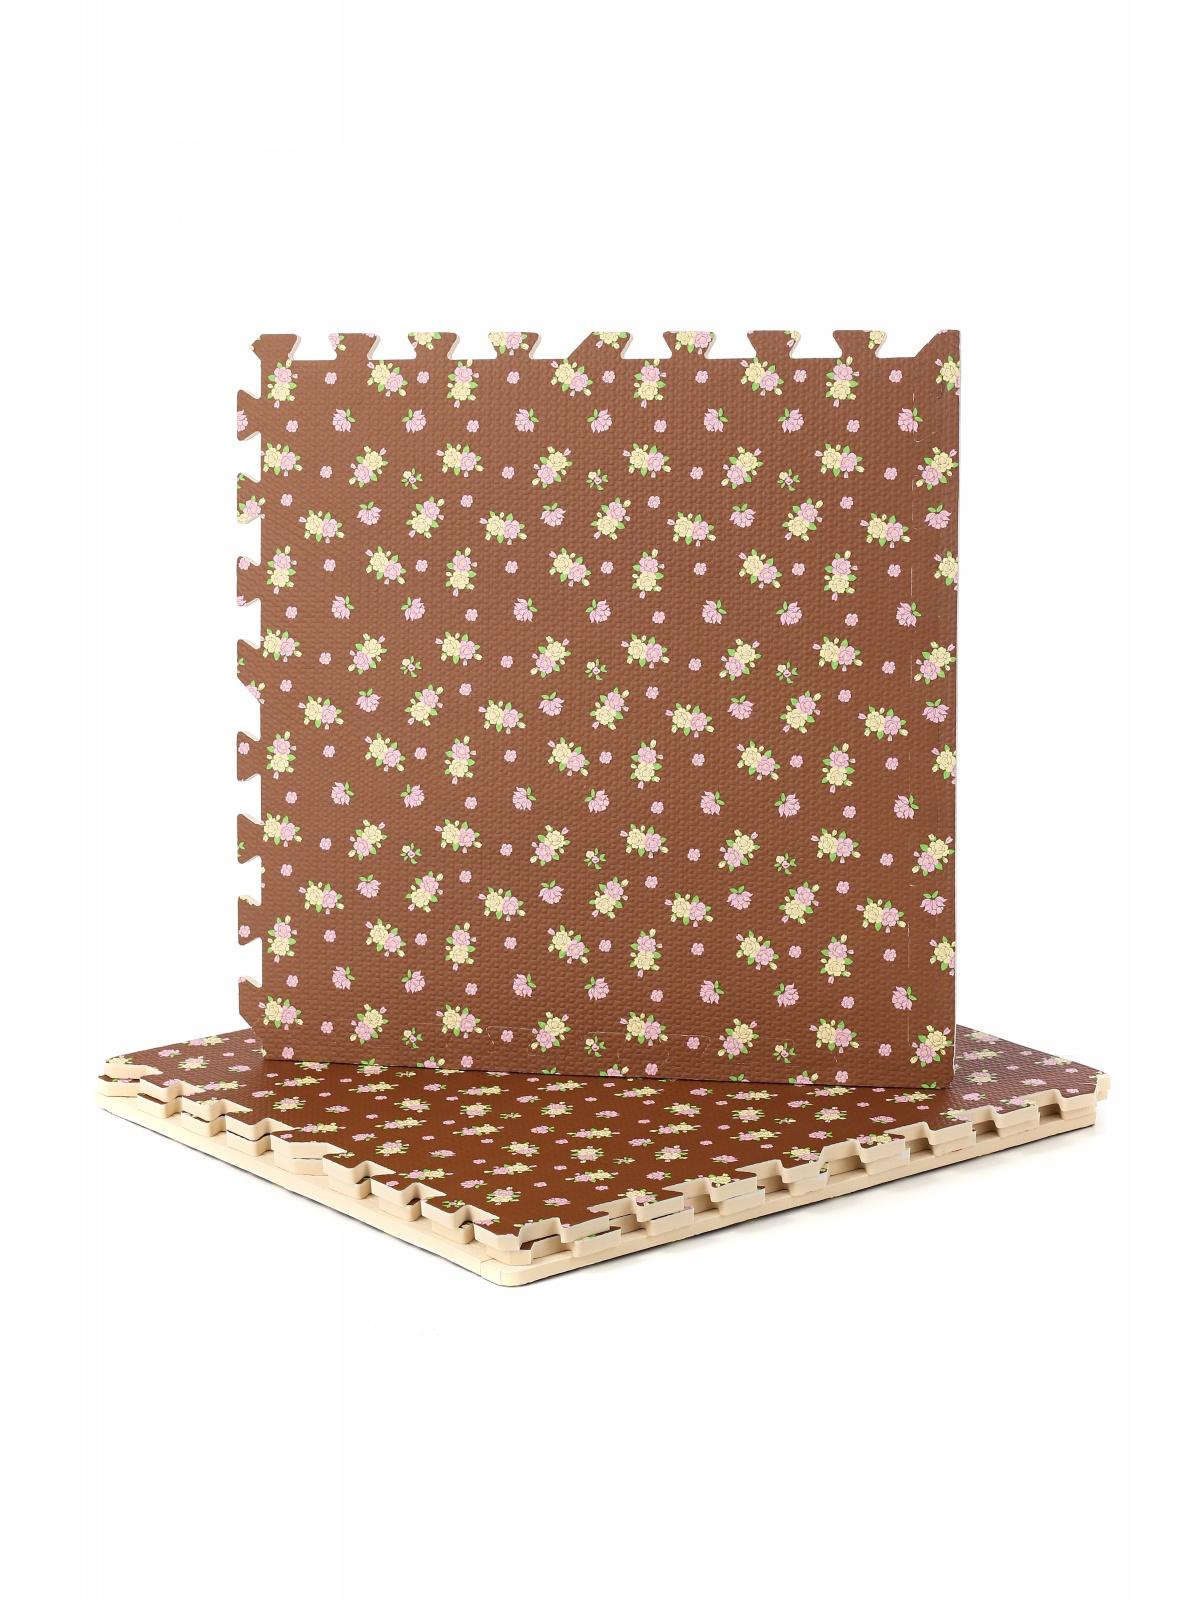 Коврик-пазл сборный 4 детали коричневый с принтом R019-26 DOLEMIKKI